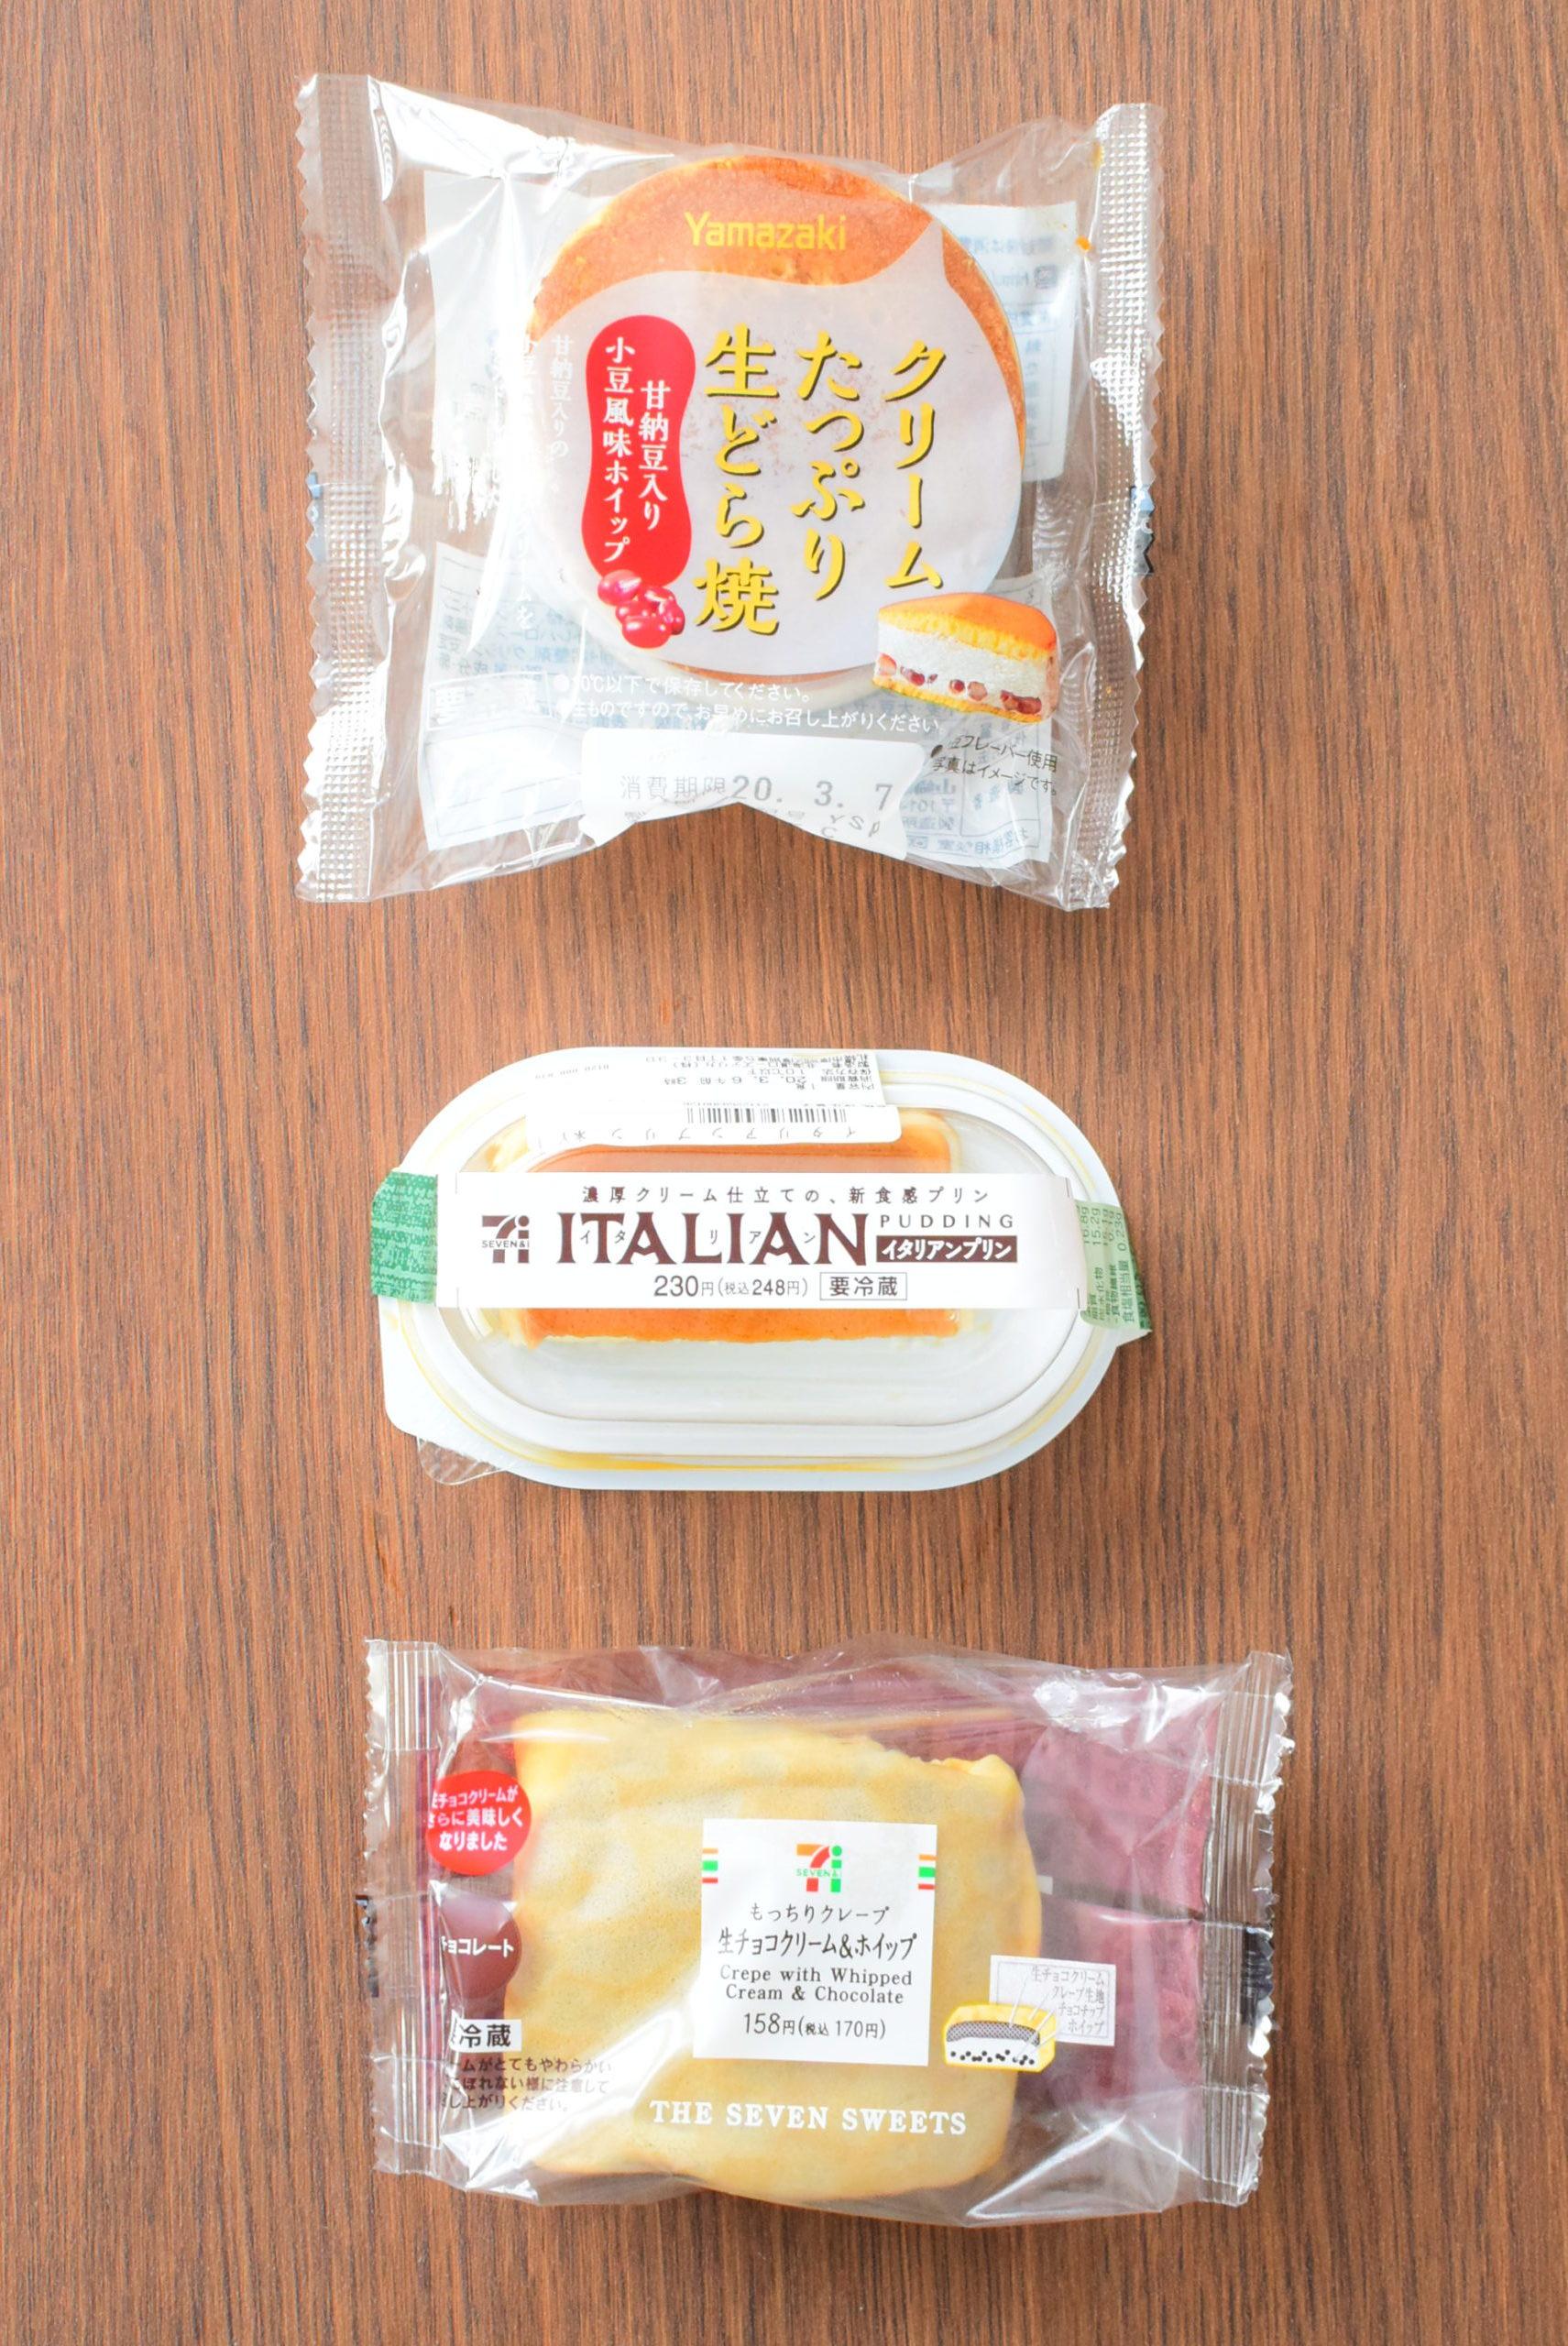 イタリアンプリン、クリームたっぷり生どら焼、もっちりクレープ生チョコクリーム&ホイップの食レポの写真